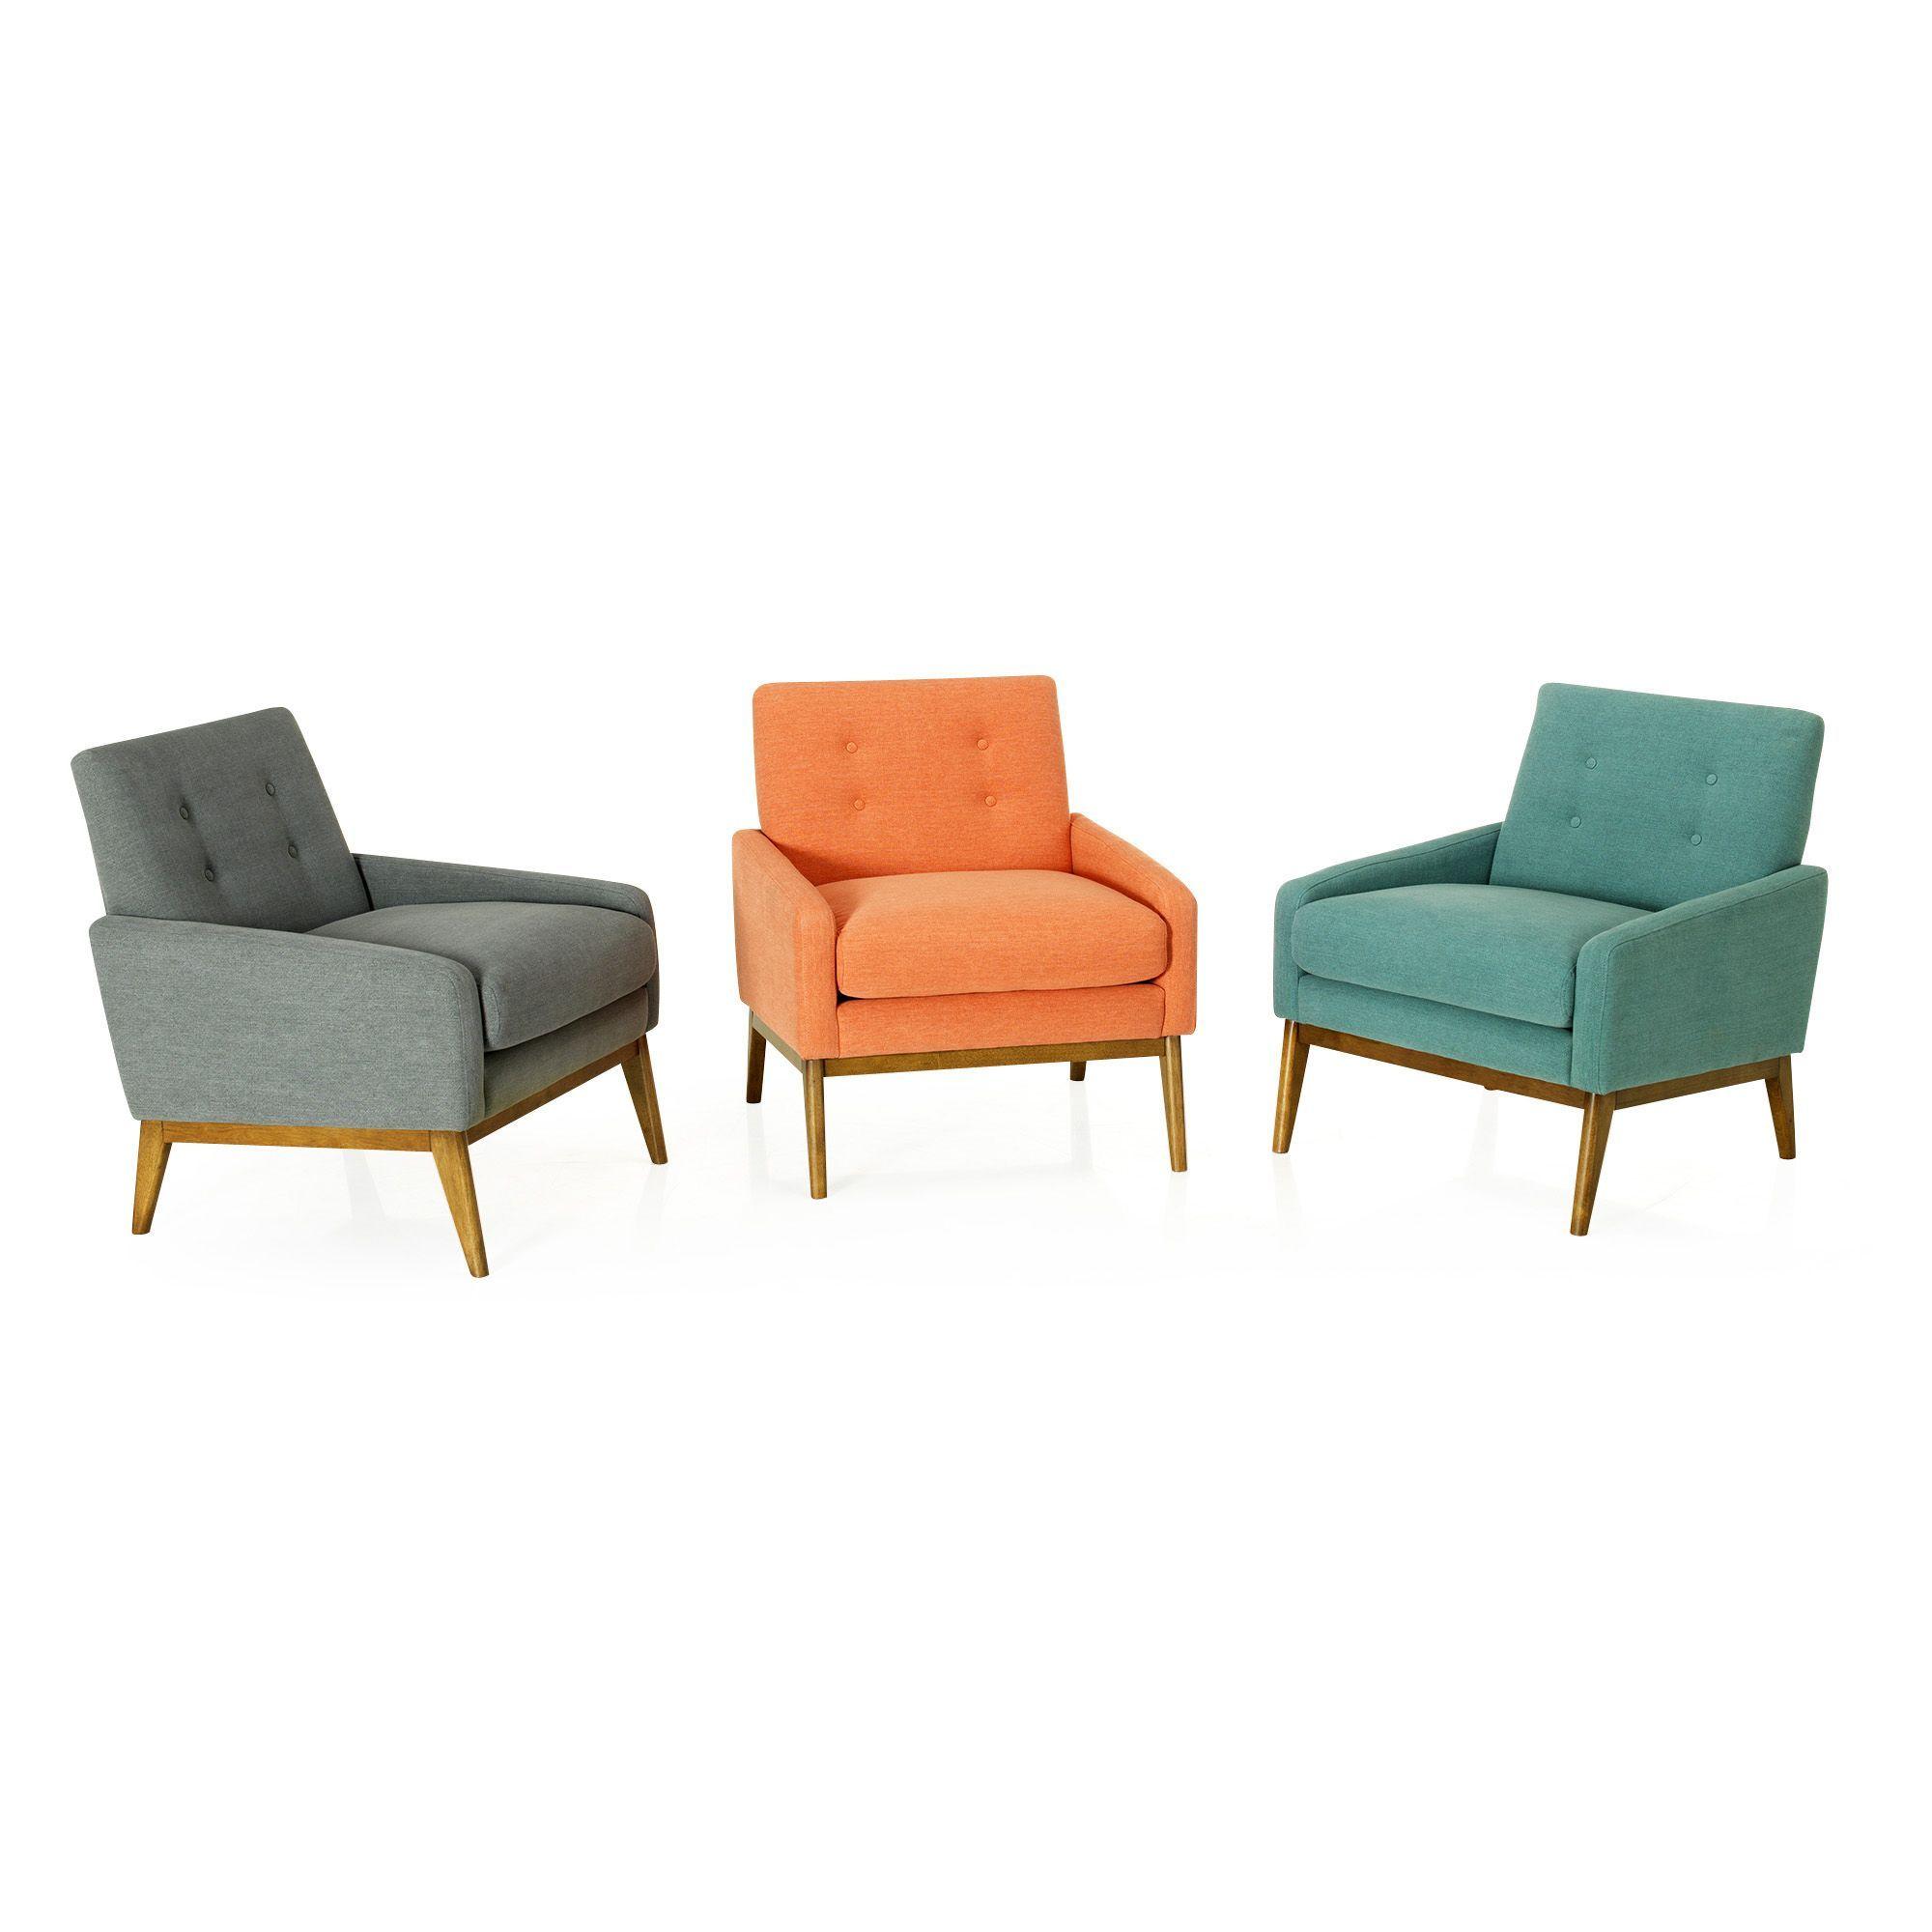 fauteuil vintage en tissu corail sophia fauteuils fauteuils poufs salon salle manger par. Black Bedroom Furniture Sets. Home Design Ideas